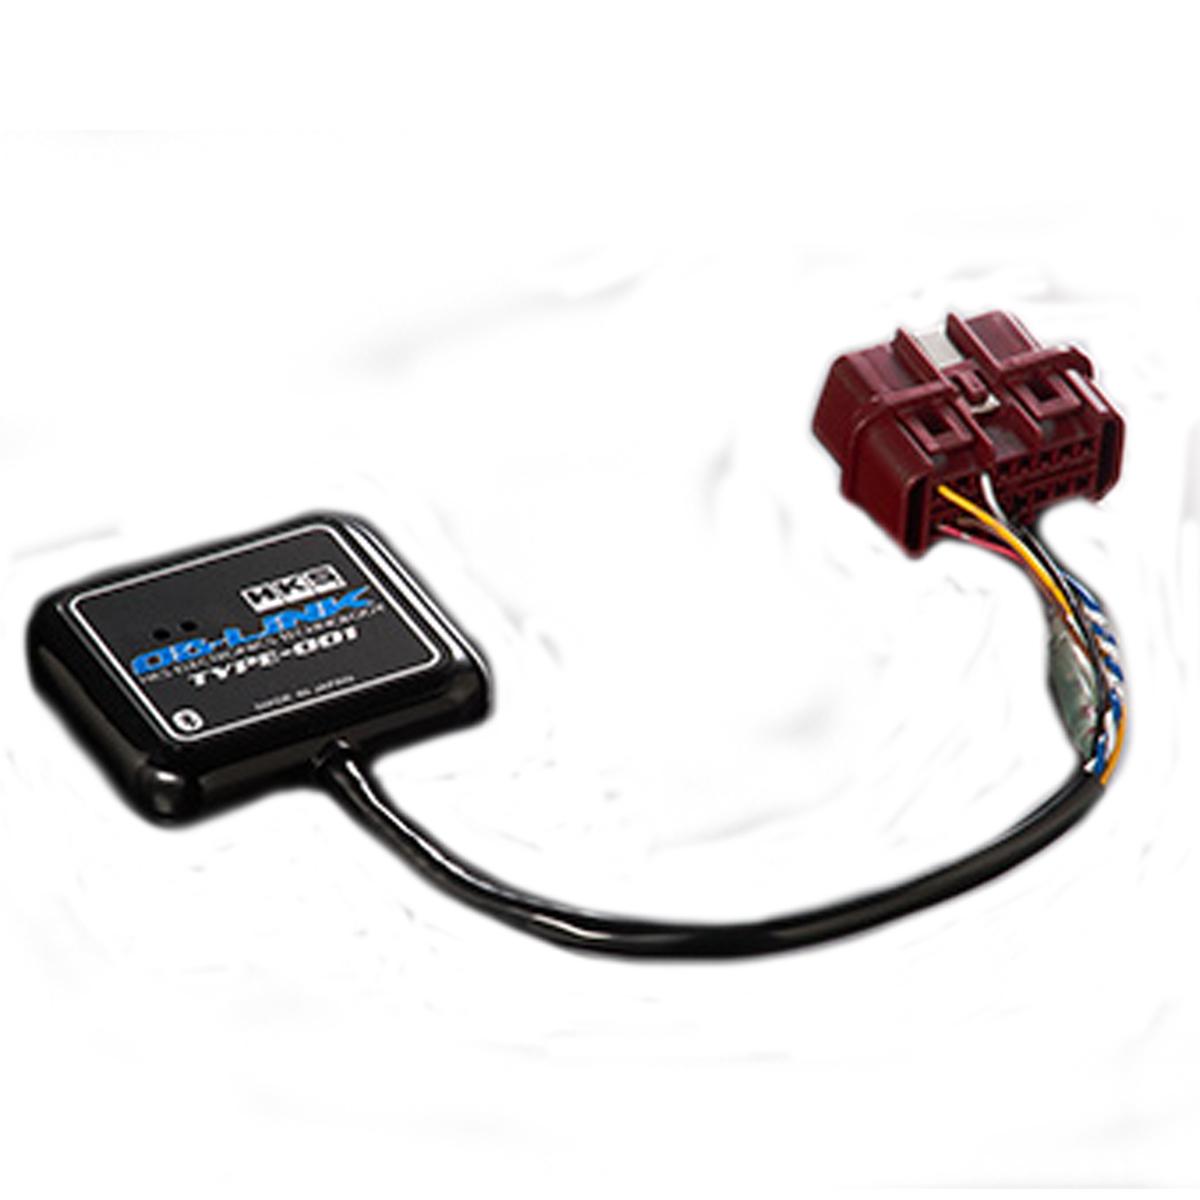 クラウン ハイブ リッド モニター OBリンク タイプ 001 GWS204 HKS 44009-AK002 エレクトリニクス